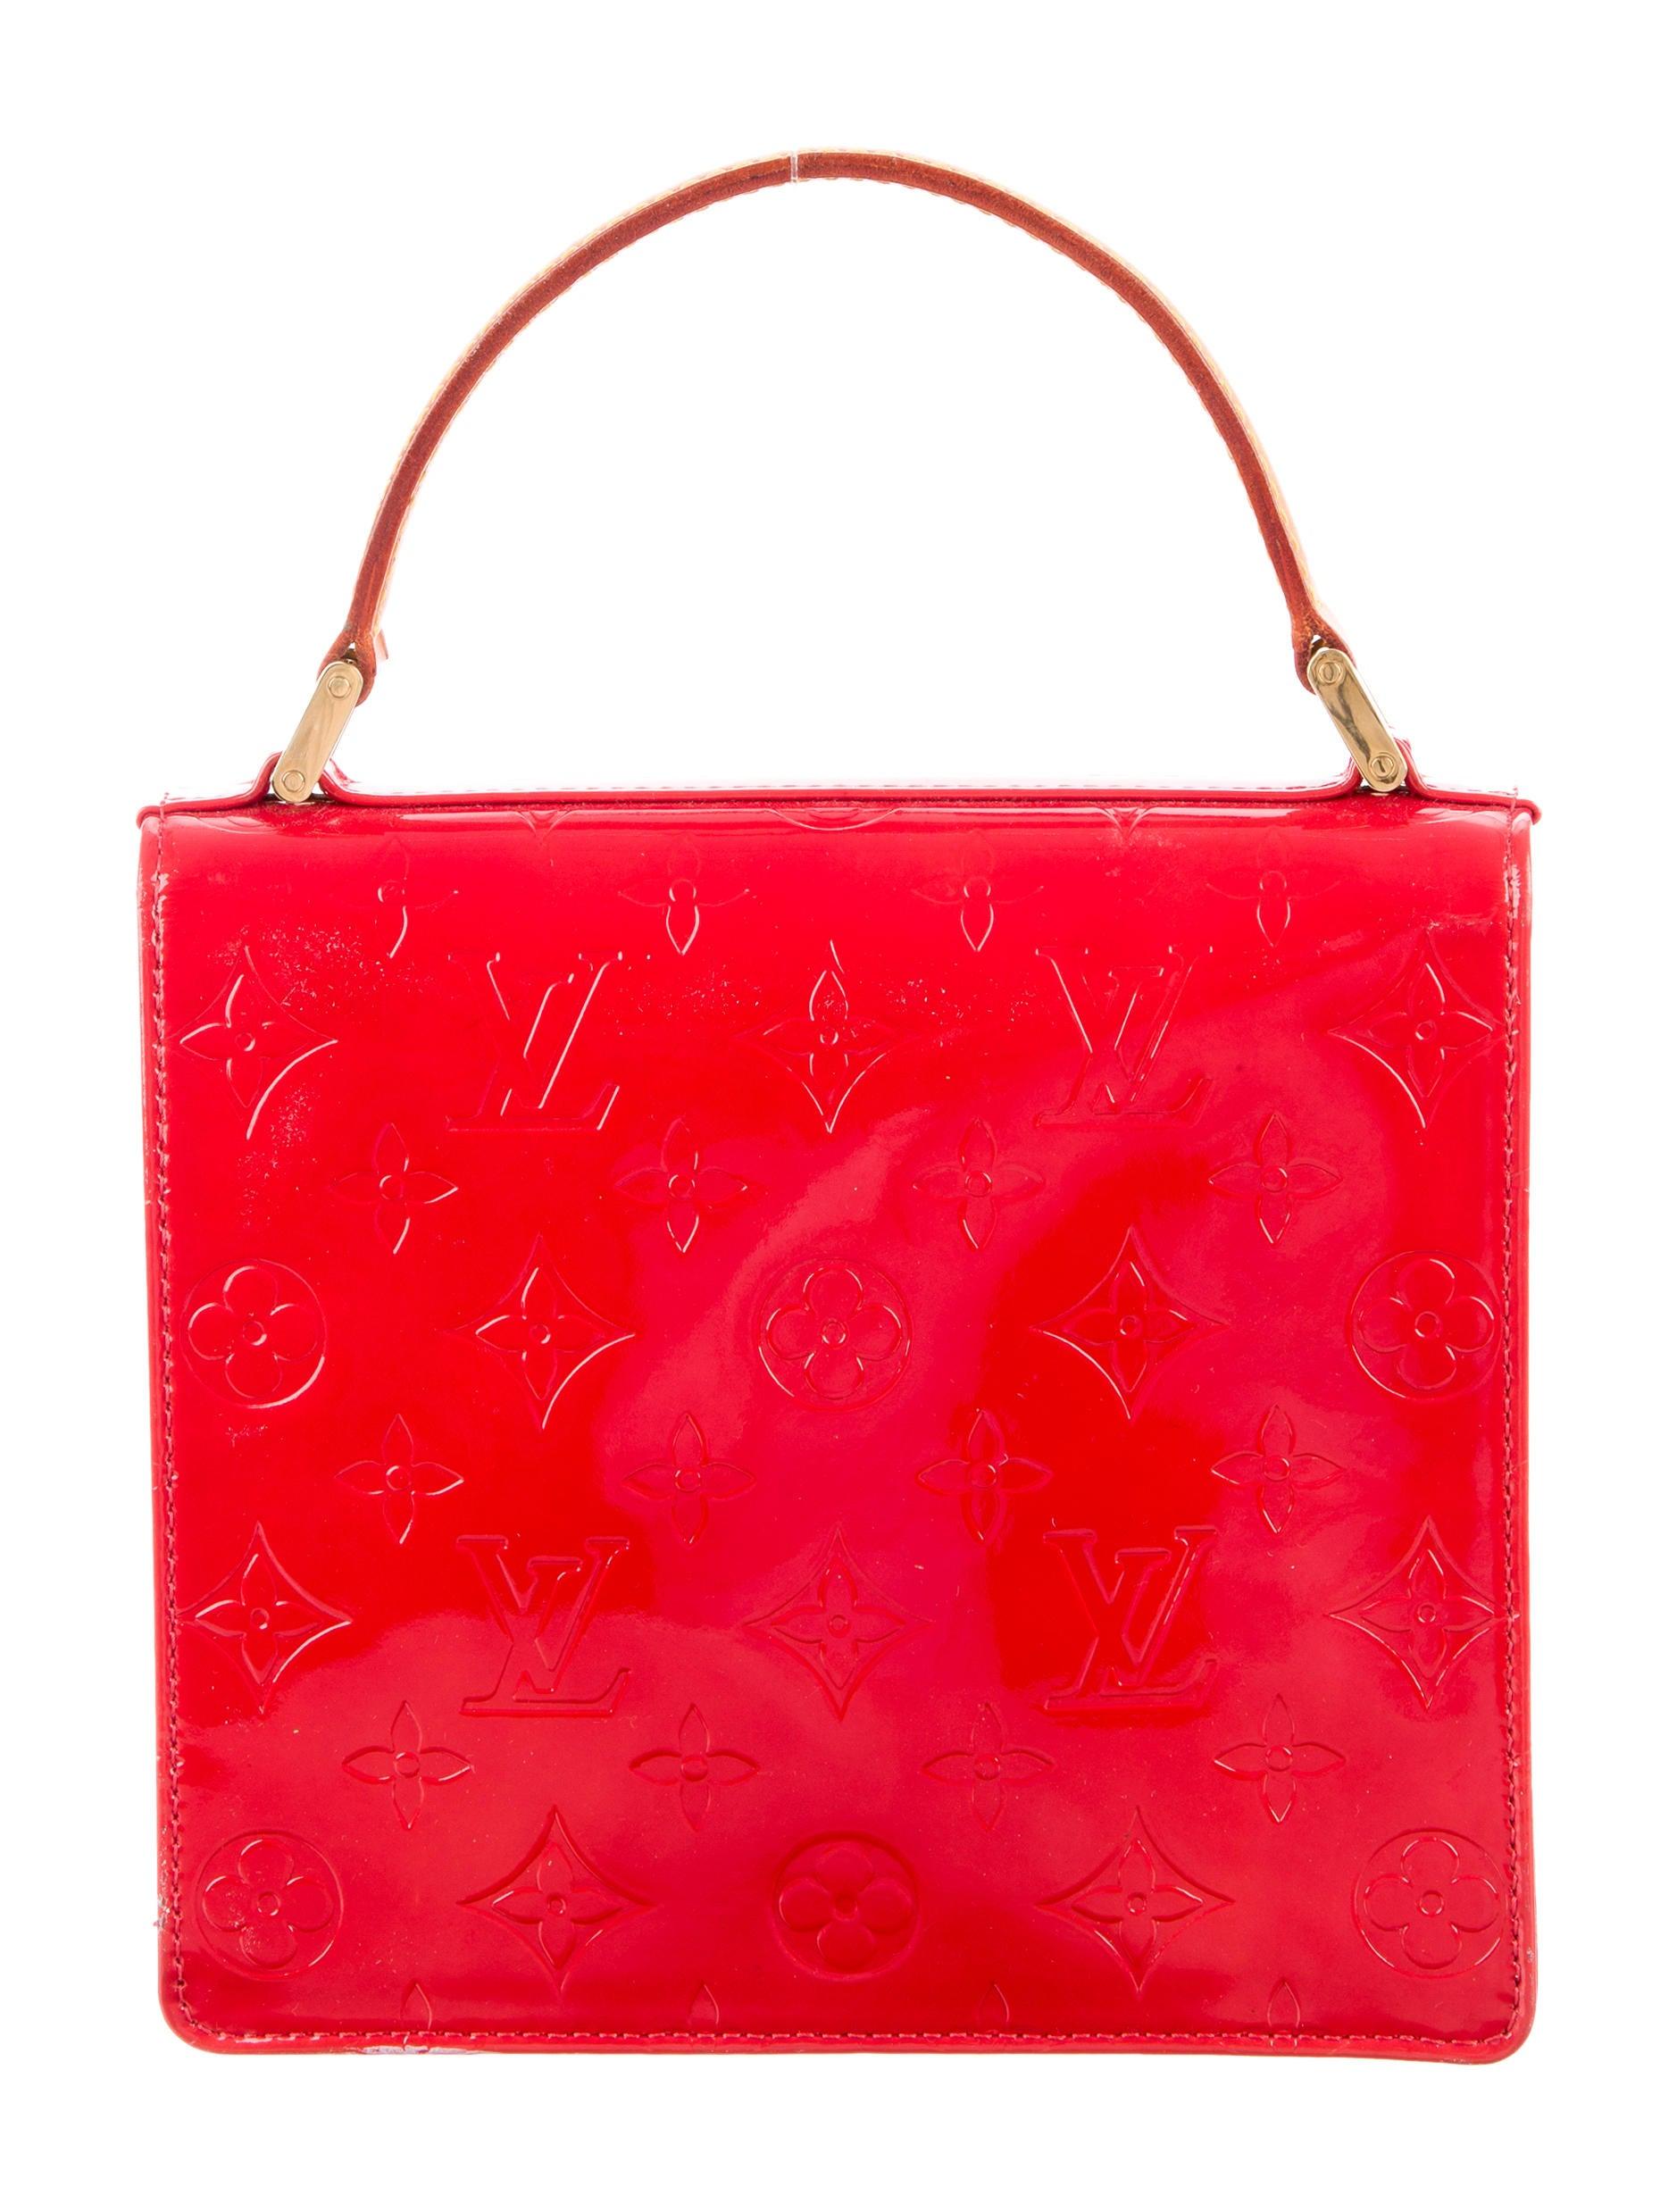 Louis Vuitton Vernis Spring Street Bag